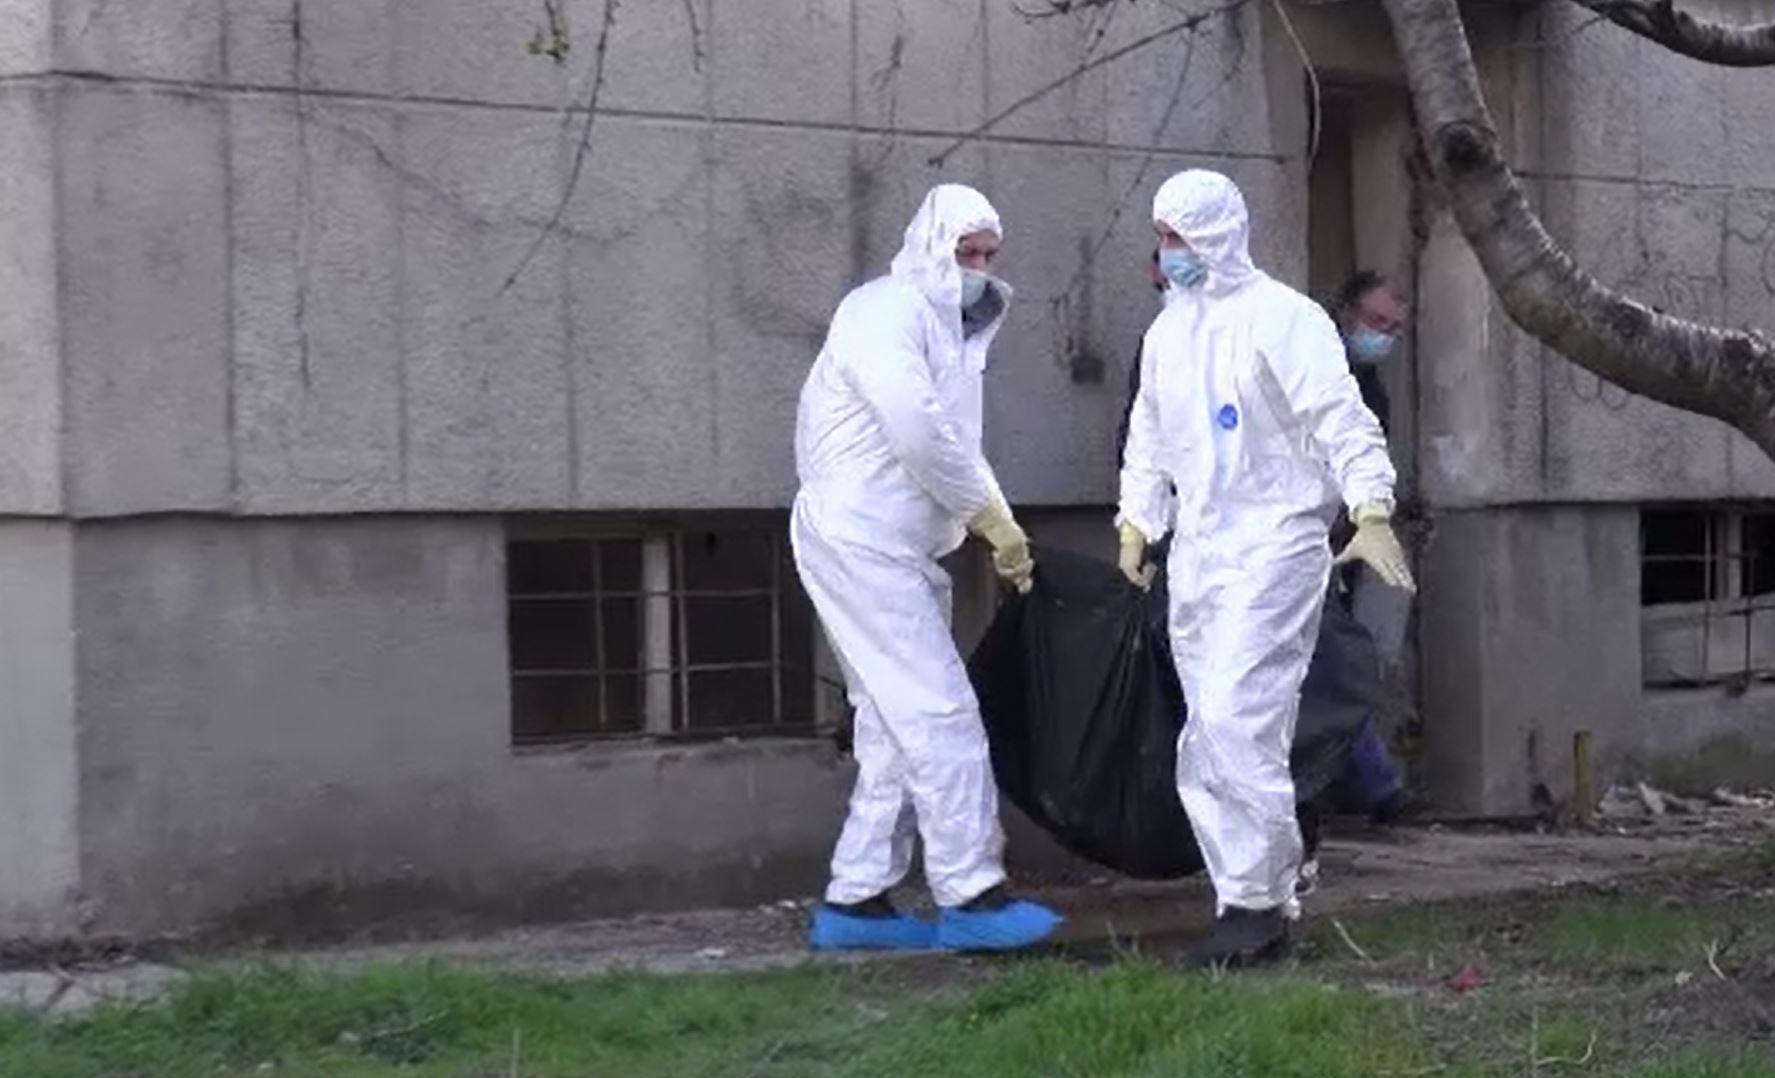 Sfârșit cumplit pentru o fată de 17 ani din Ploiești. A fost ucisă și abandonată într-un subsol de către fostul iubit